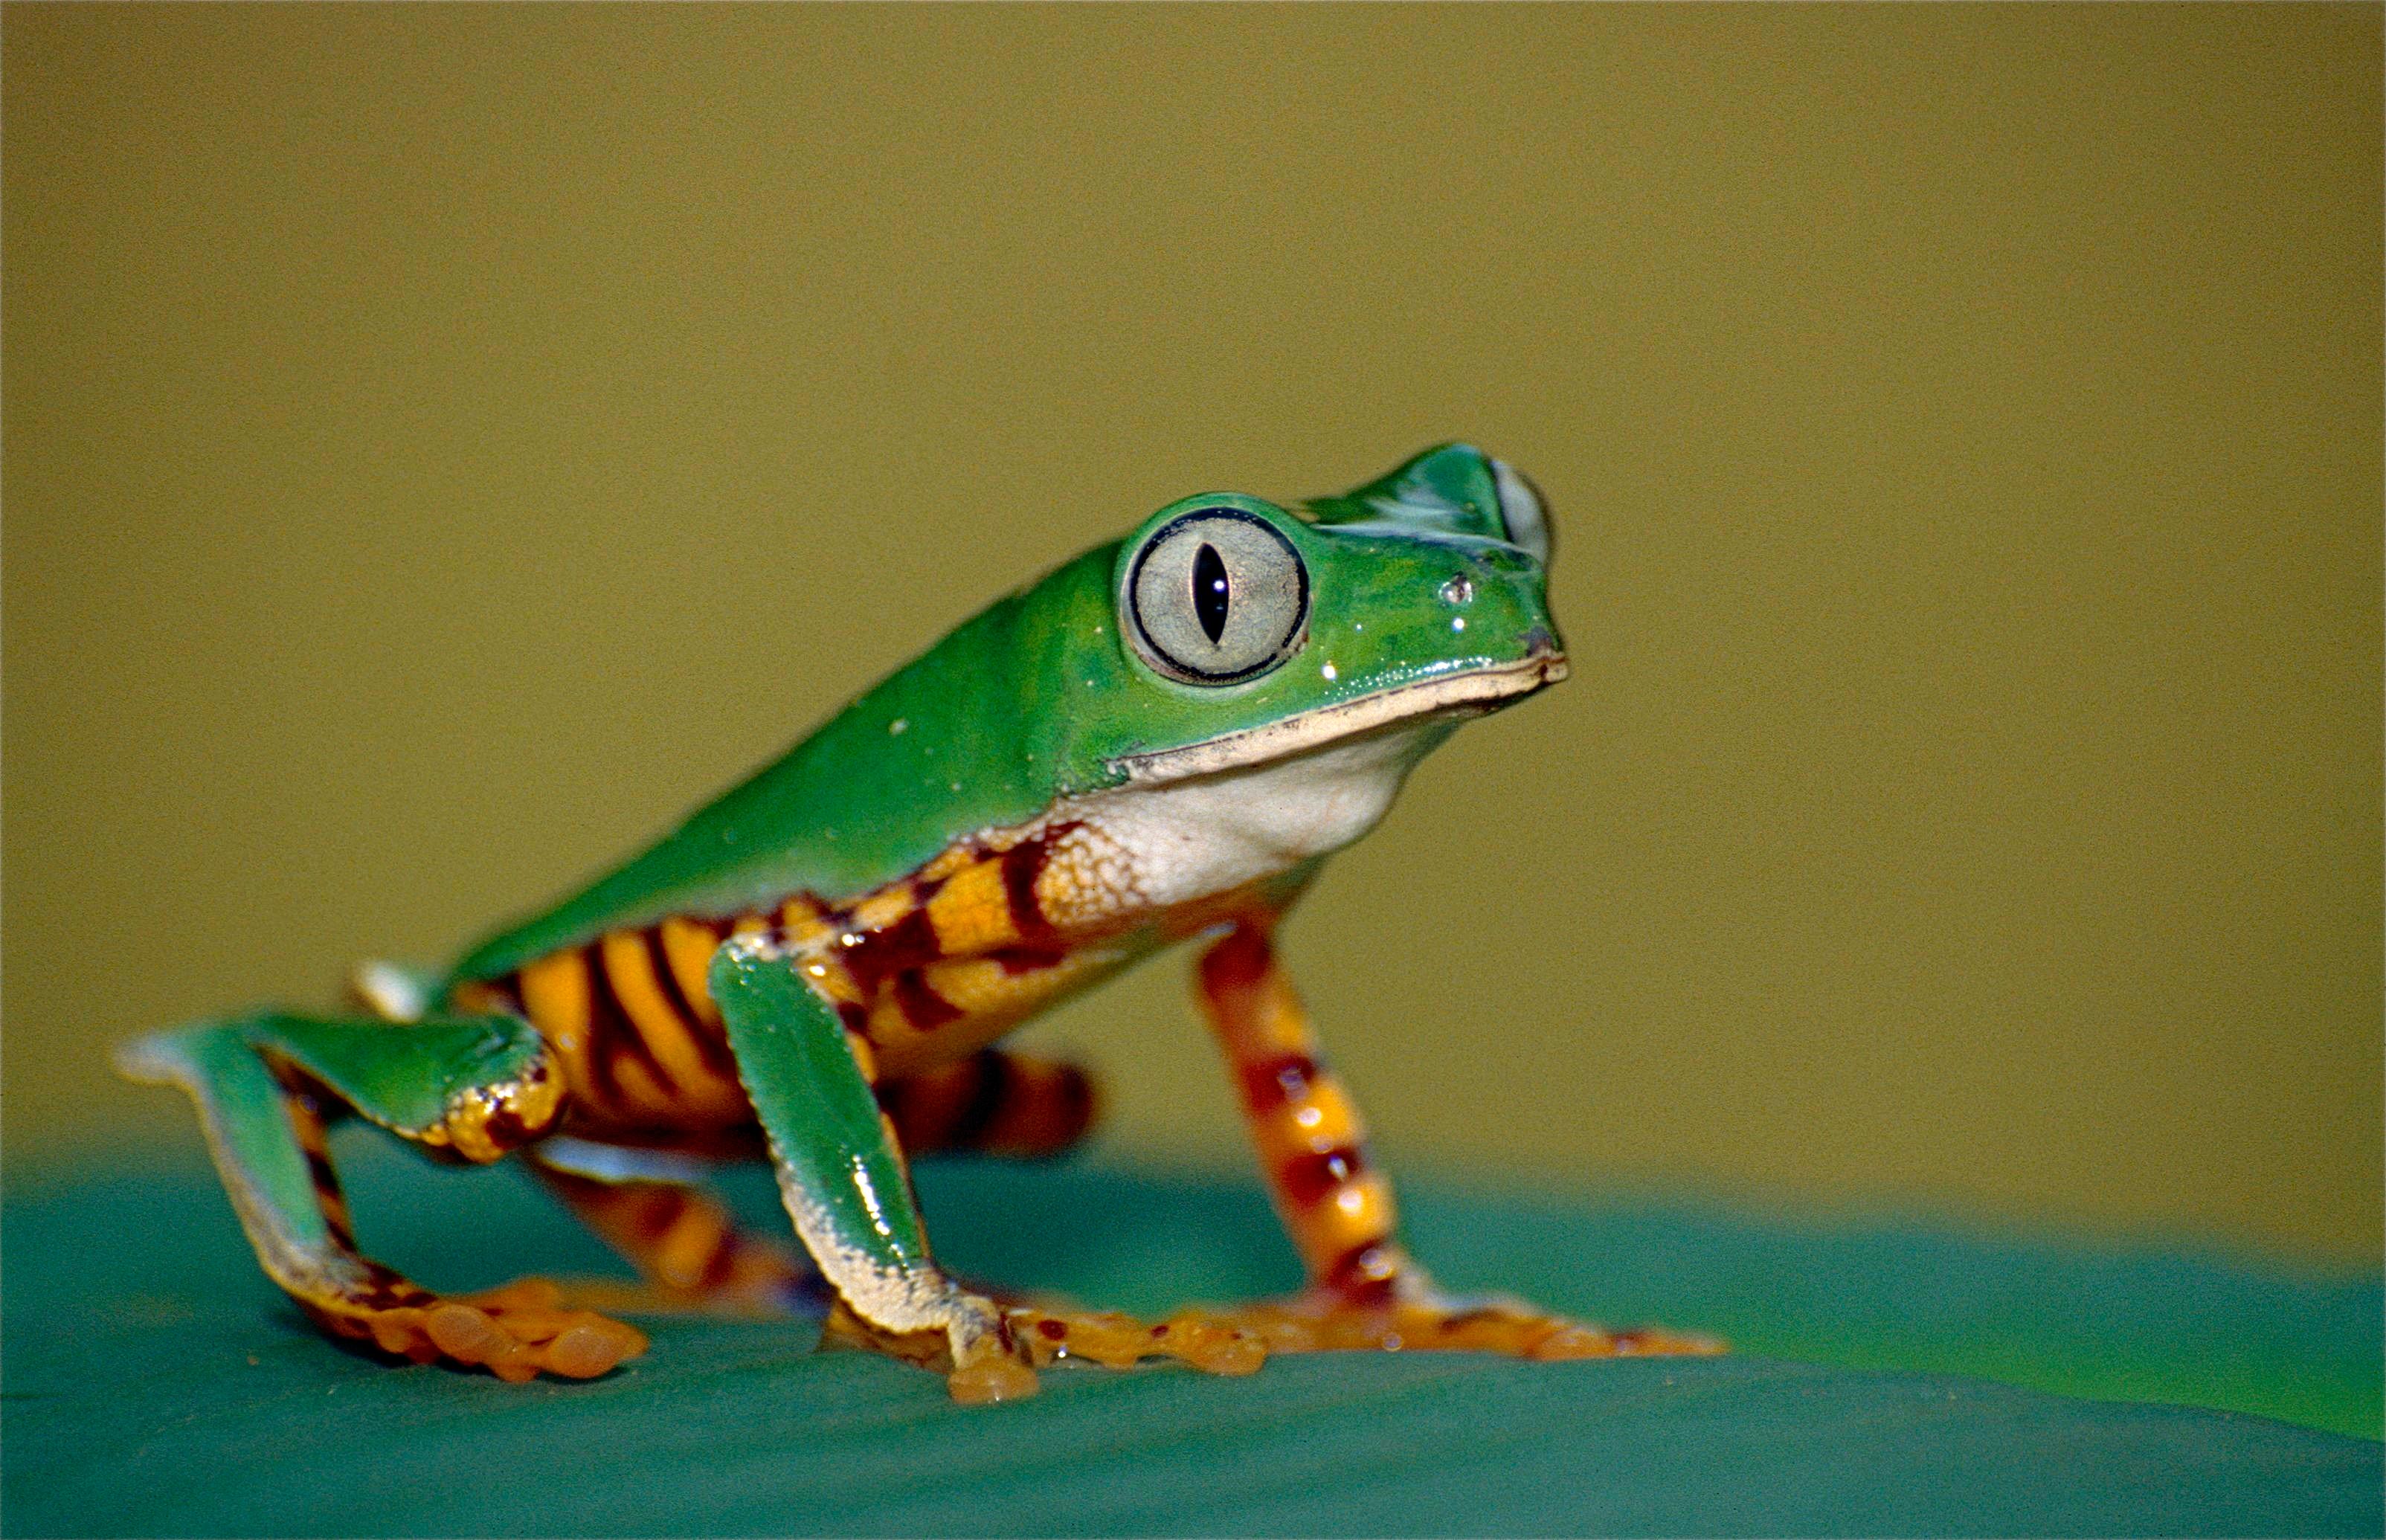 File:Tiger-striped Leaf Frog (Phyllomedusa Tomopterna